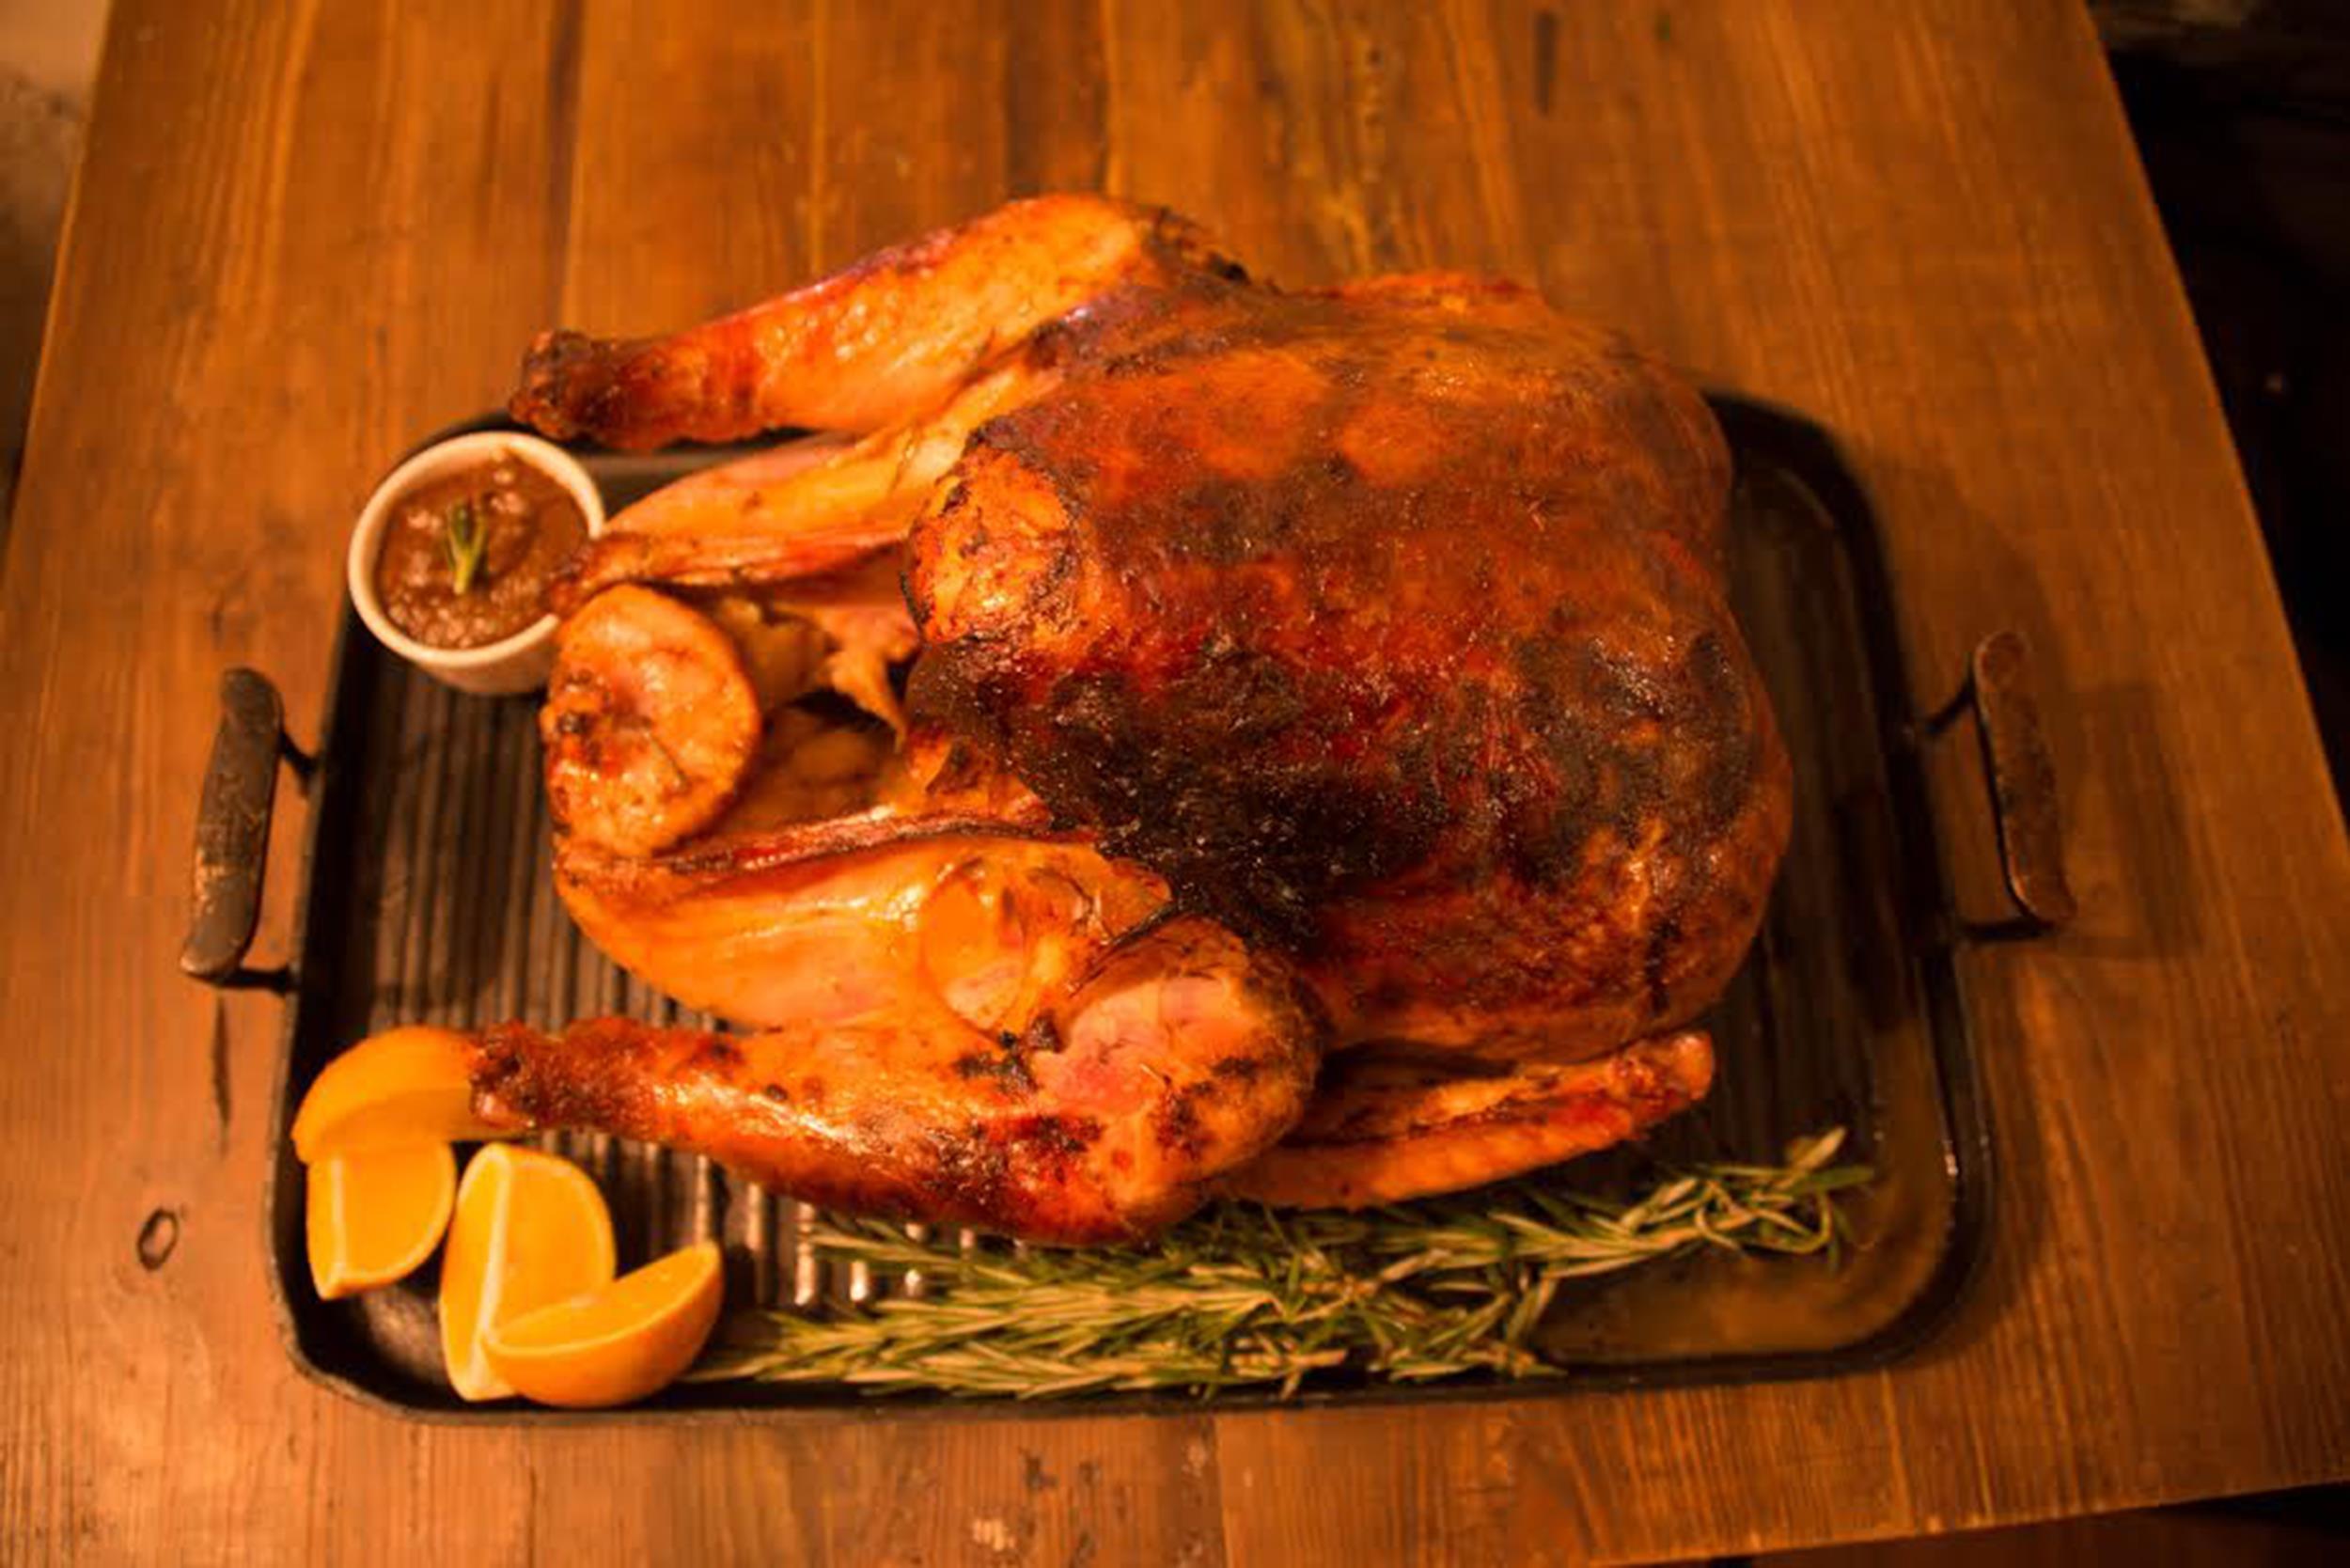 Yum Turkey Al Mole Arroz Con Coco Latino Thanksgiving